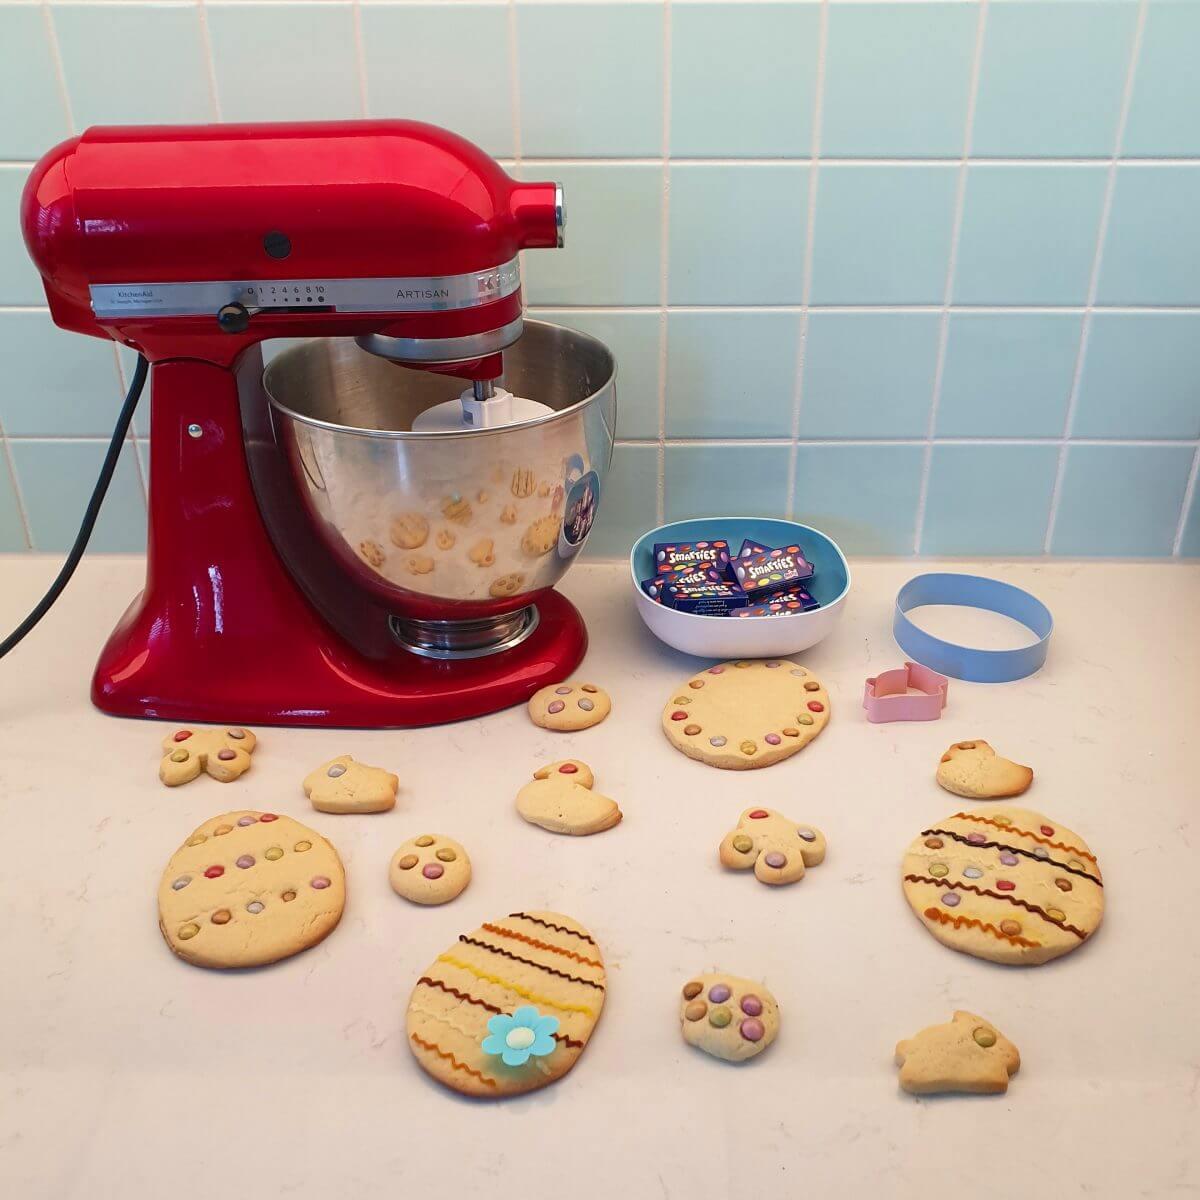 KitchenAid keukenmixer